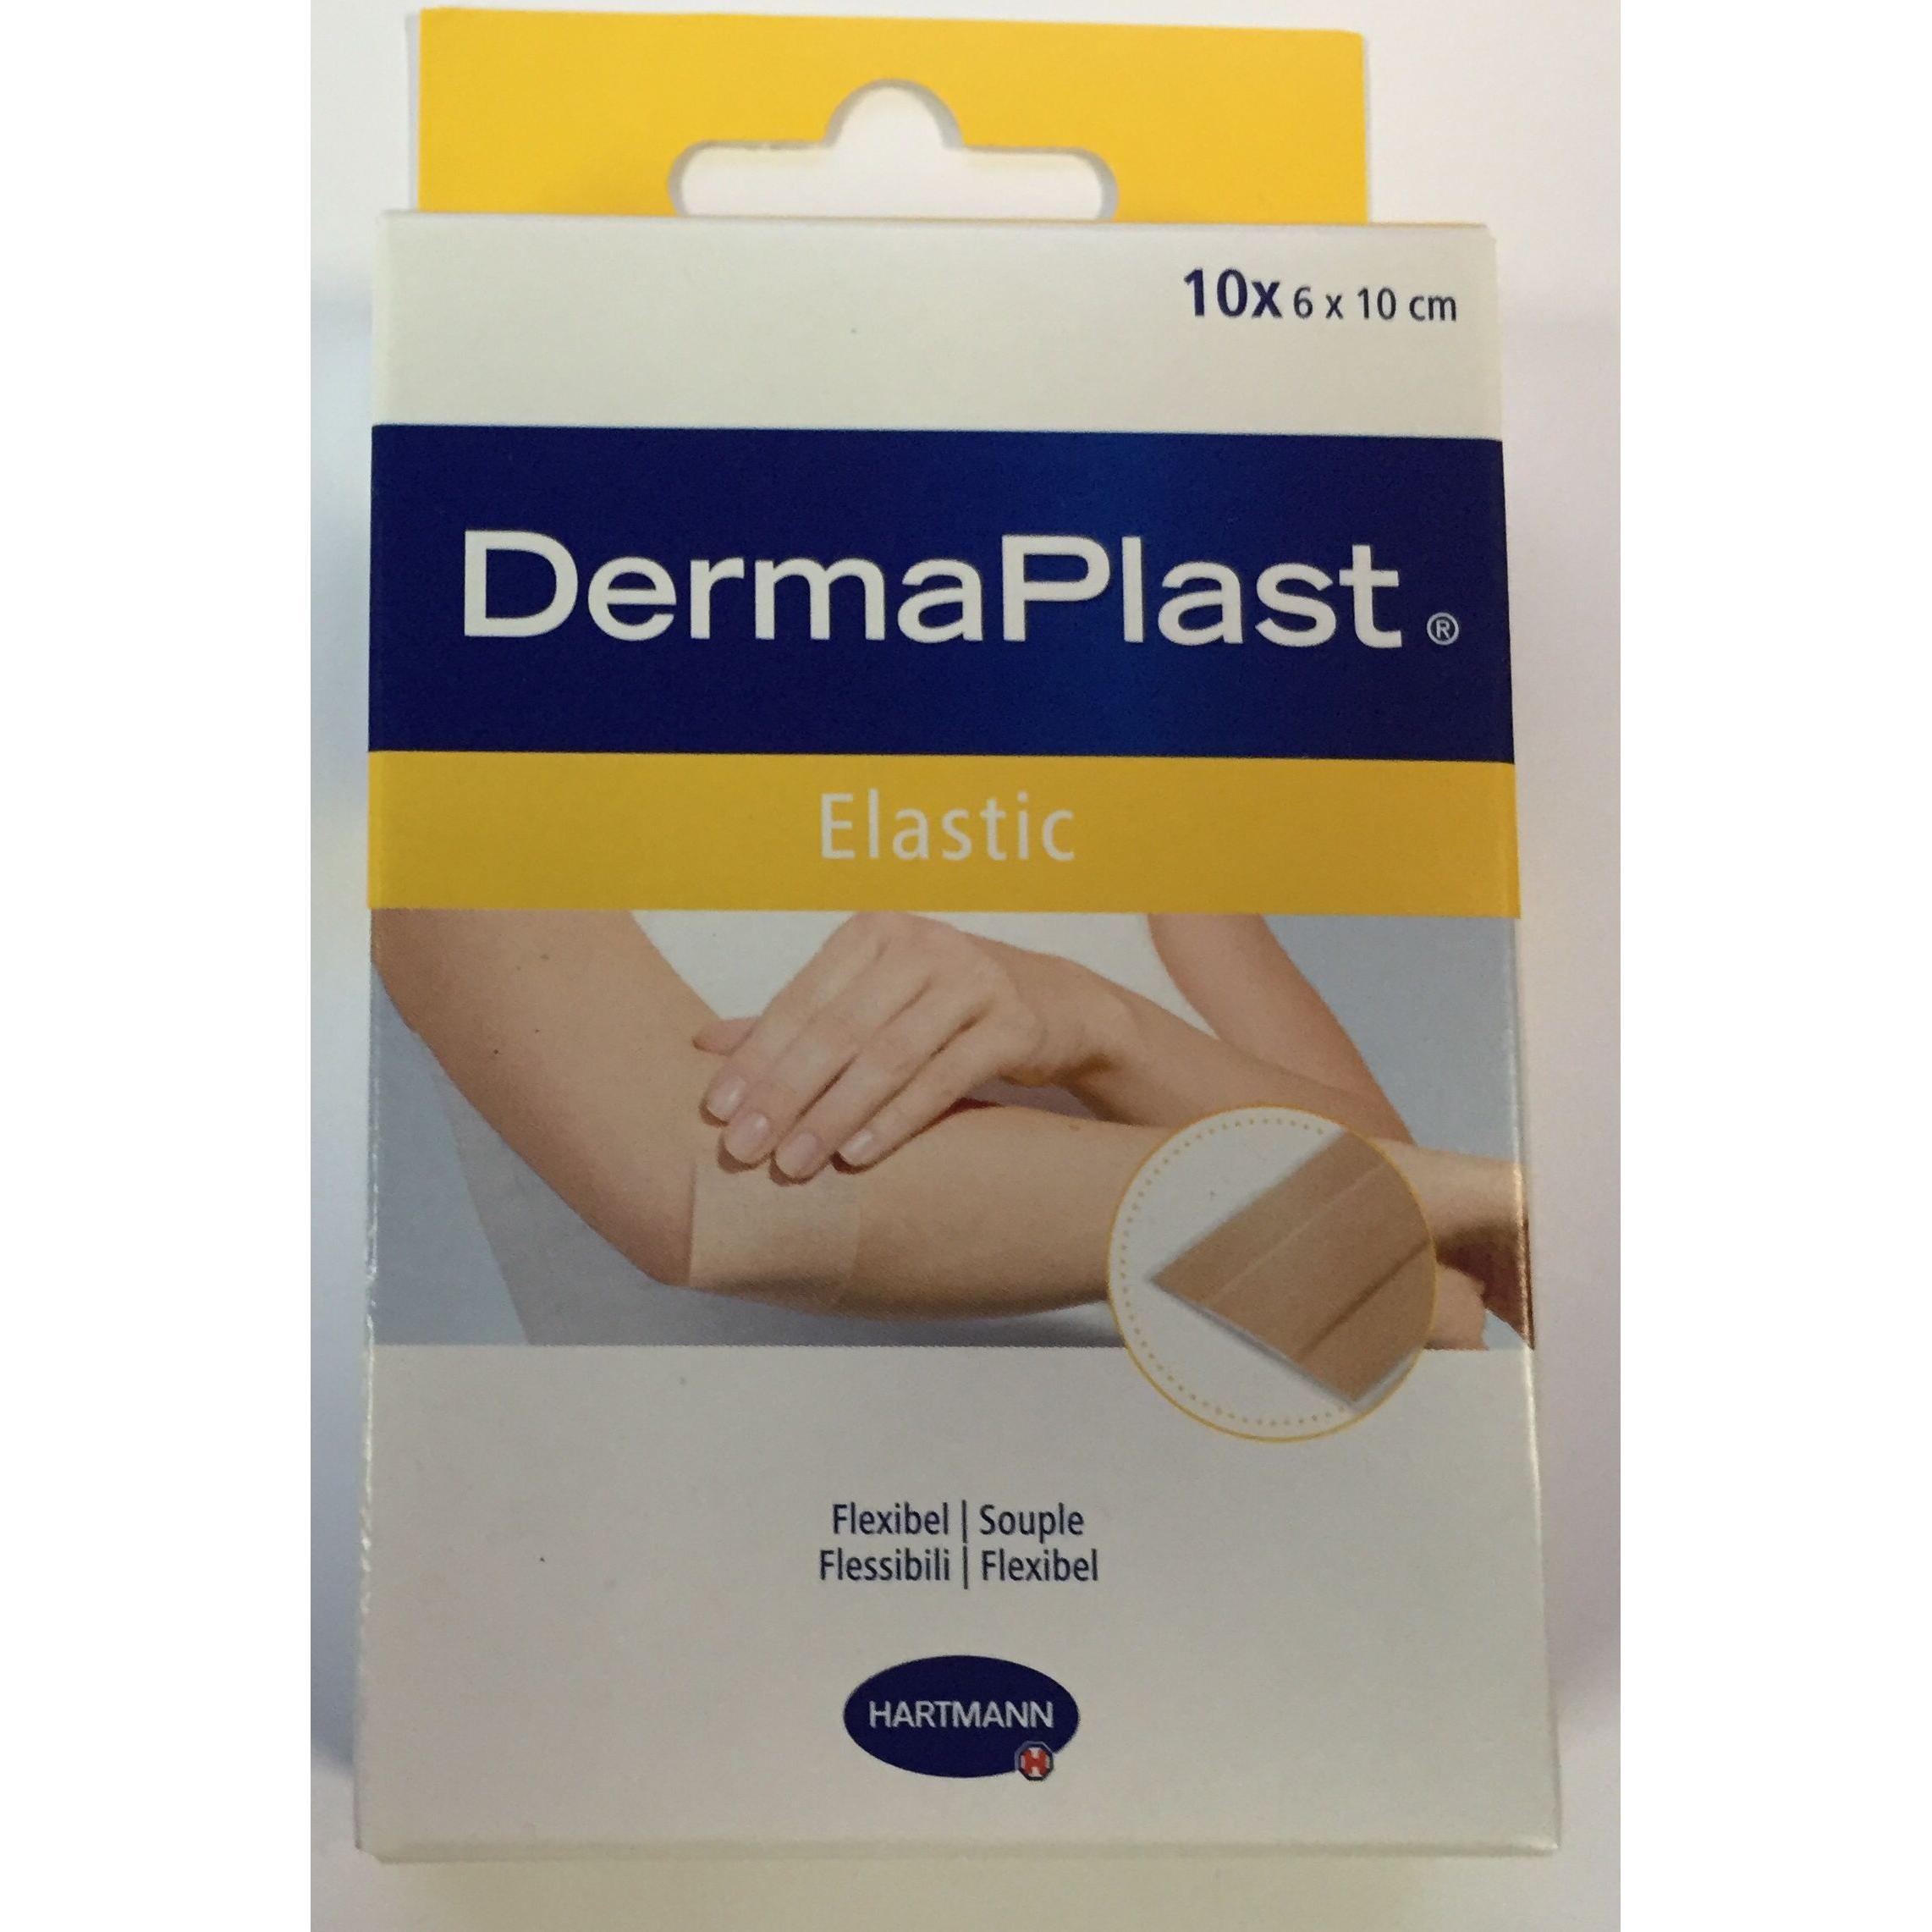 DermaPlast elastic flasteri a10